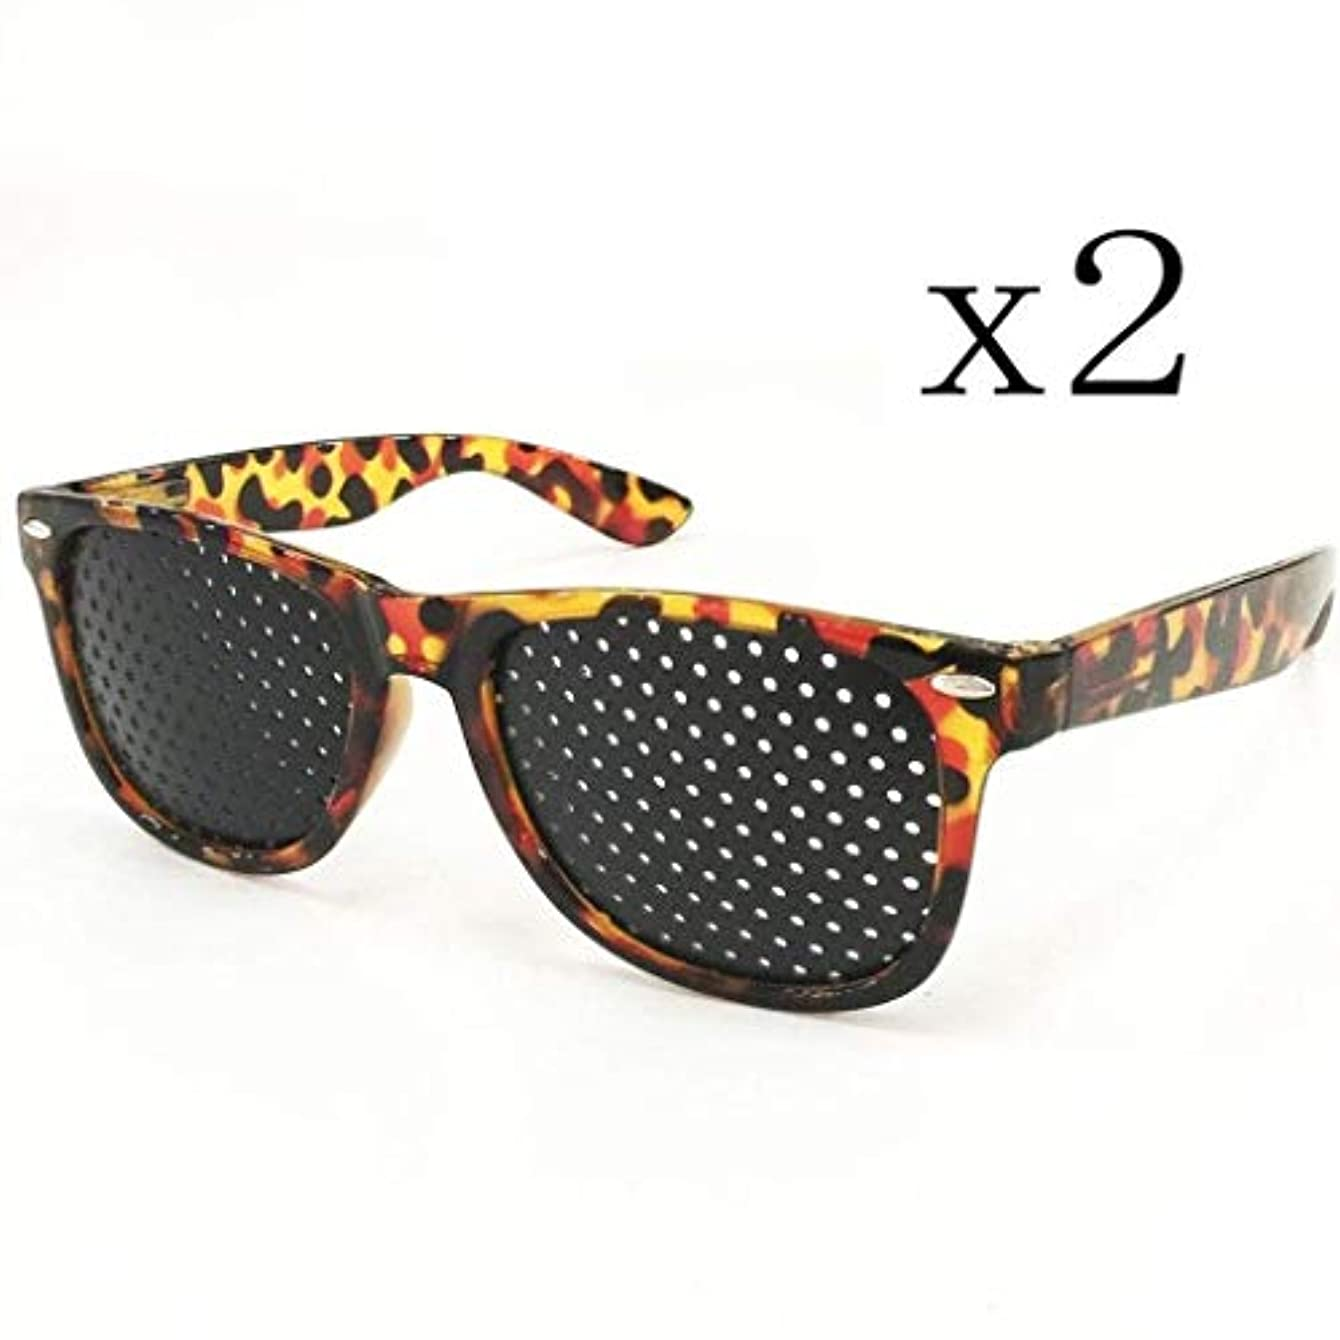 報復する嫌がる平凡ピンホールメガネ、アイズエクササイズアイサイトビジョンメガネの改善ビジョンケアメガネ近視の防止メガネの改善